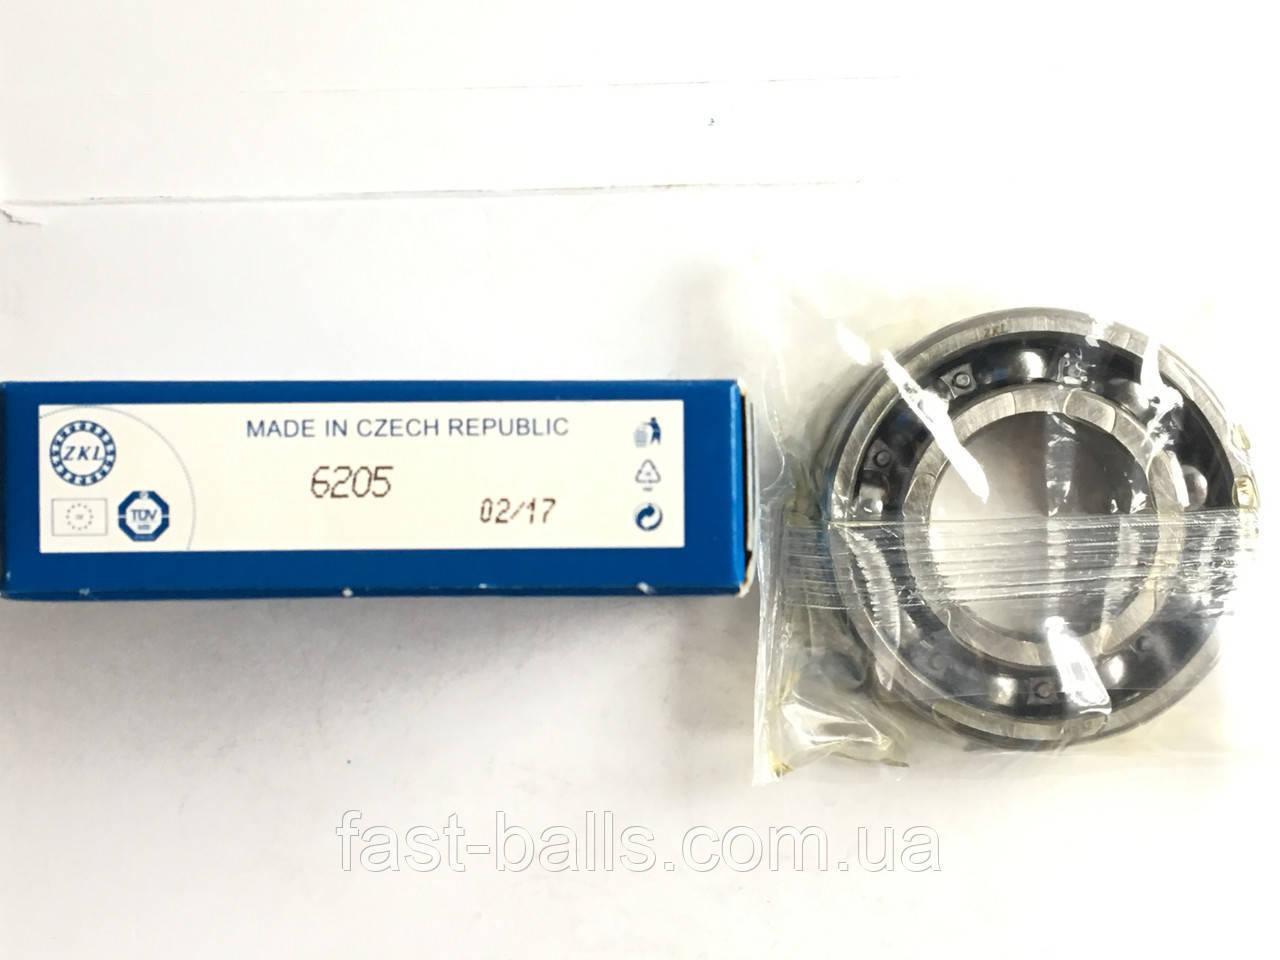 Подшипник ZKL 6205 (25x52x15) однорядный